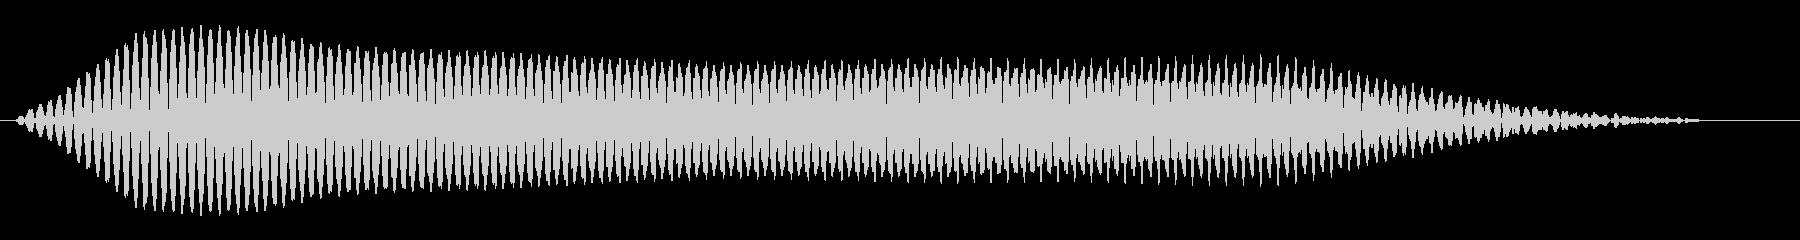 モォーオ(低く鳴く牛の声)の未再生の波形